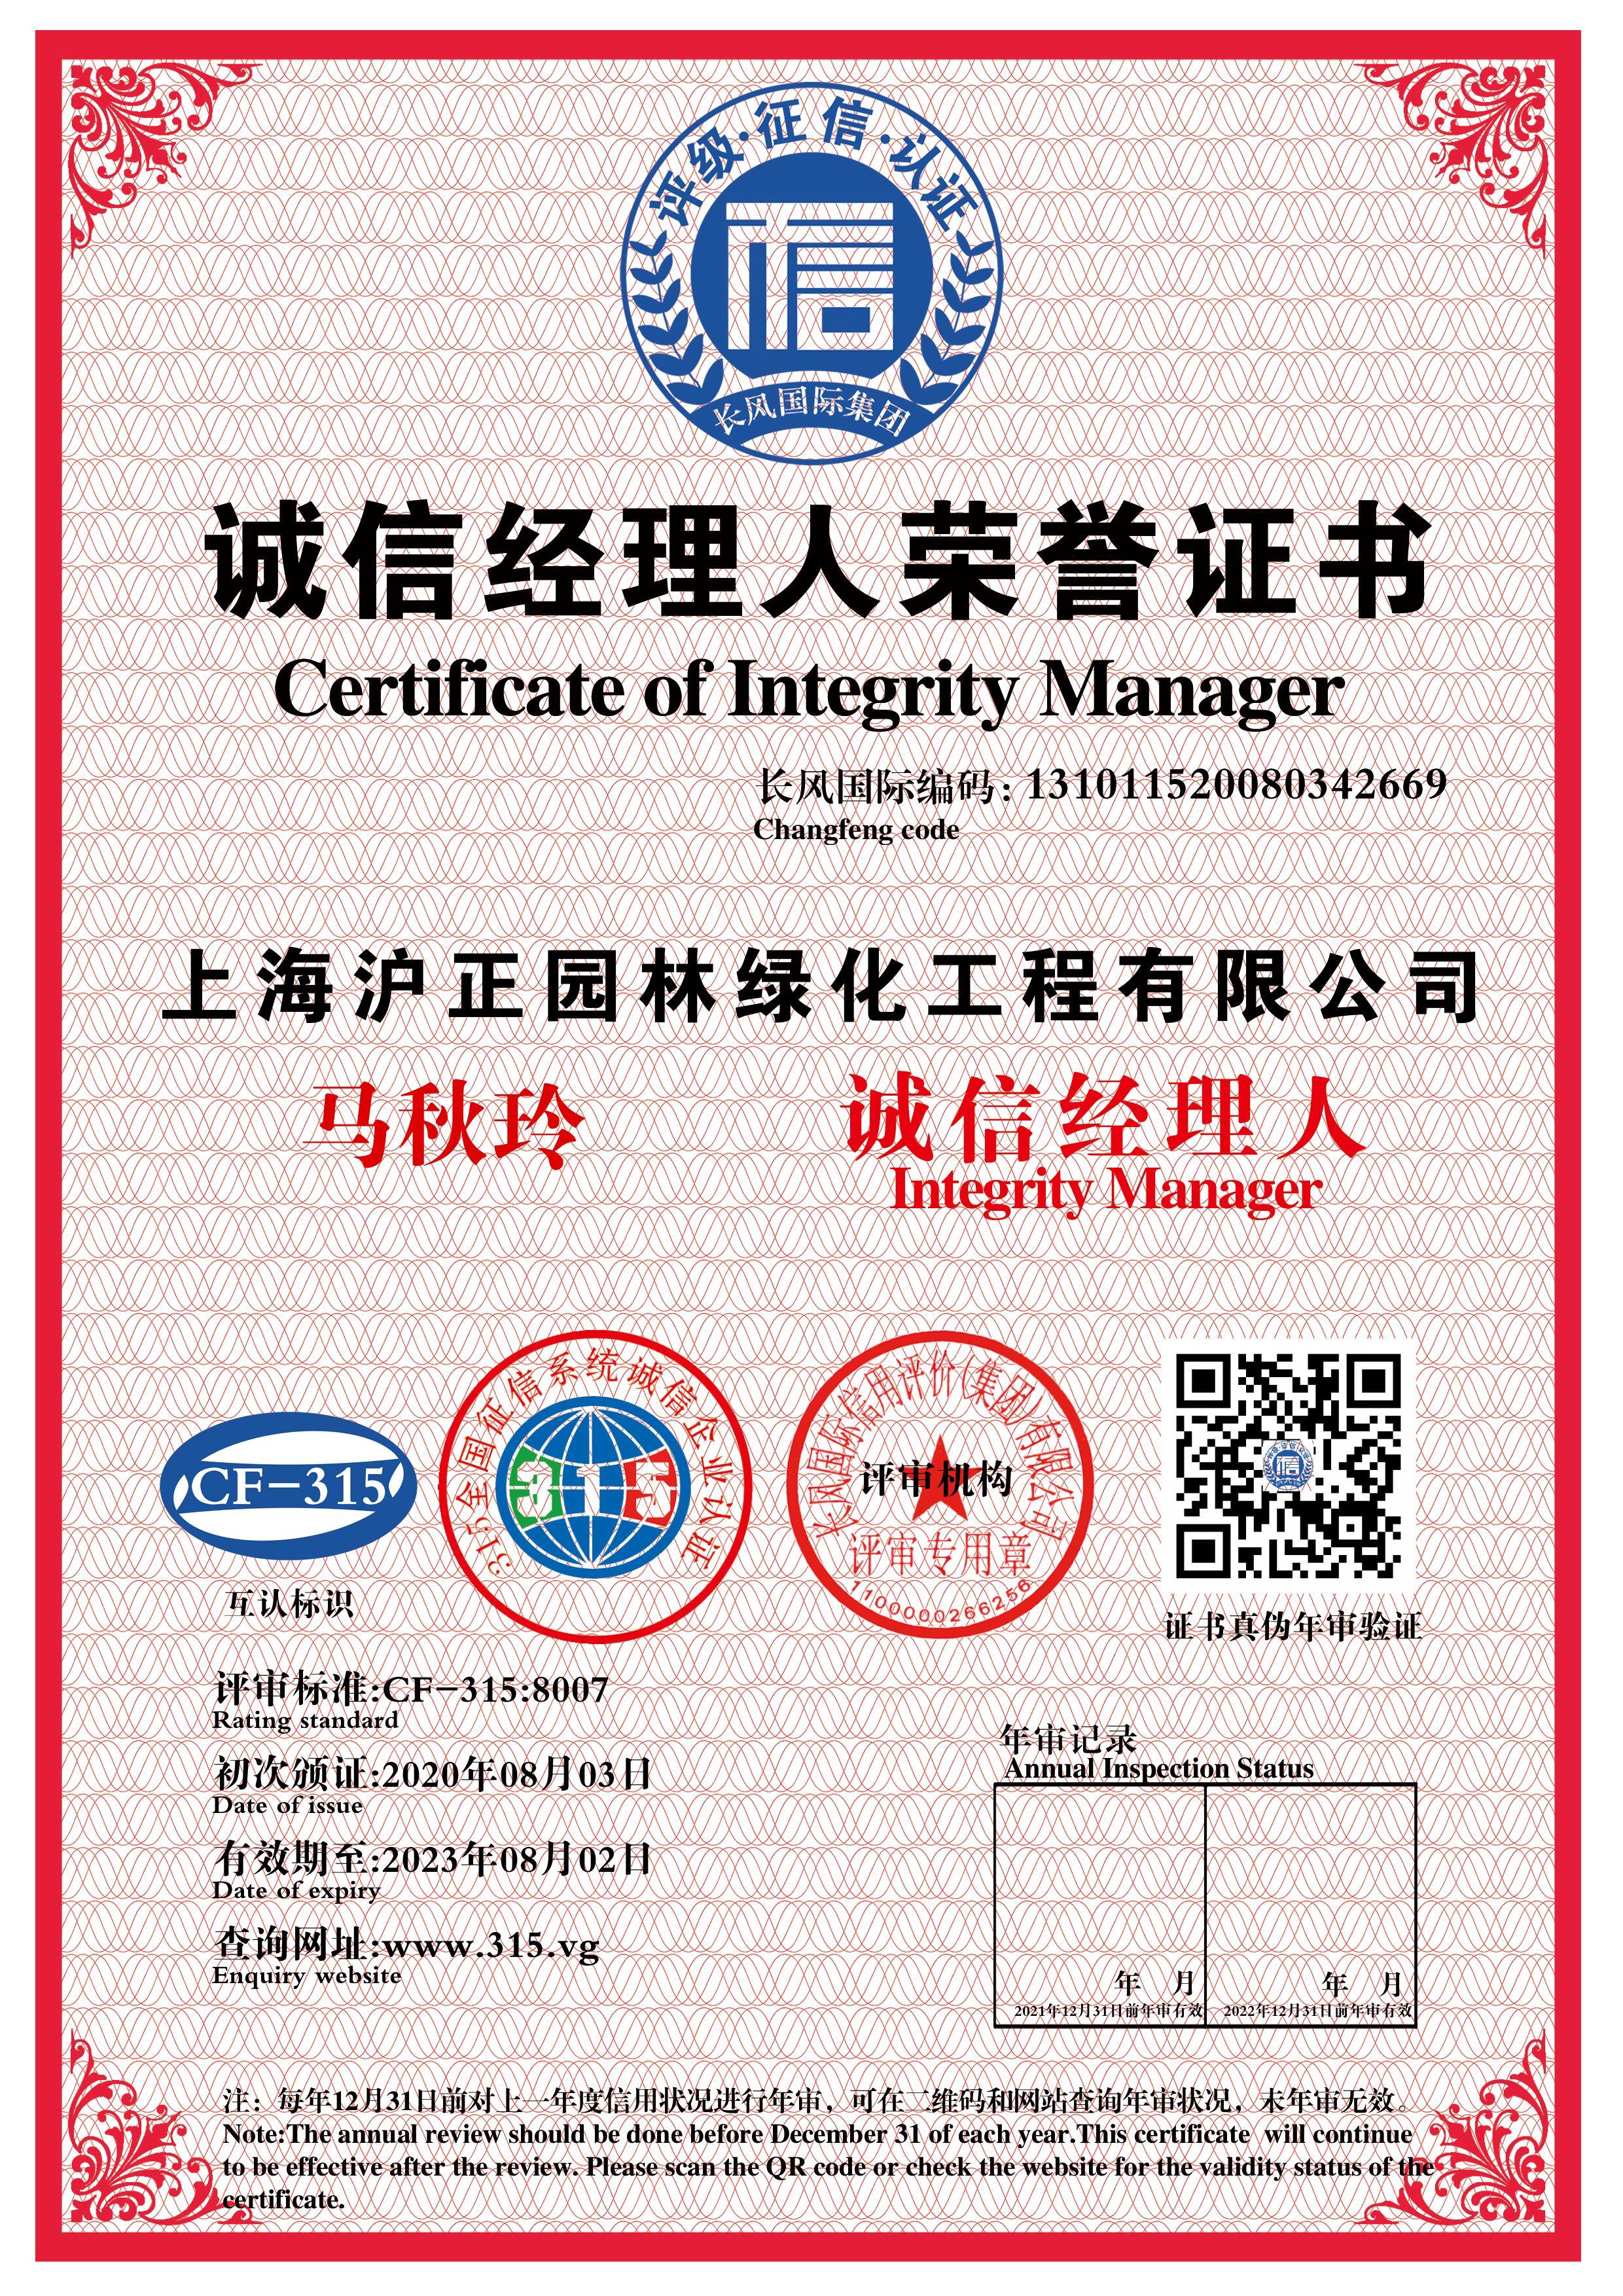 公司荣誉 (9).jpg